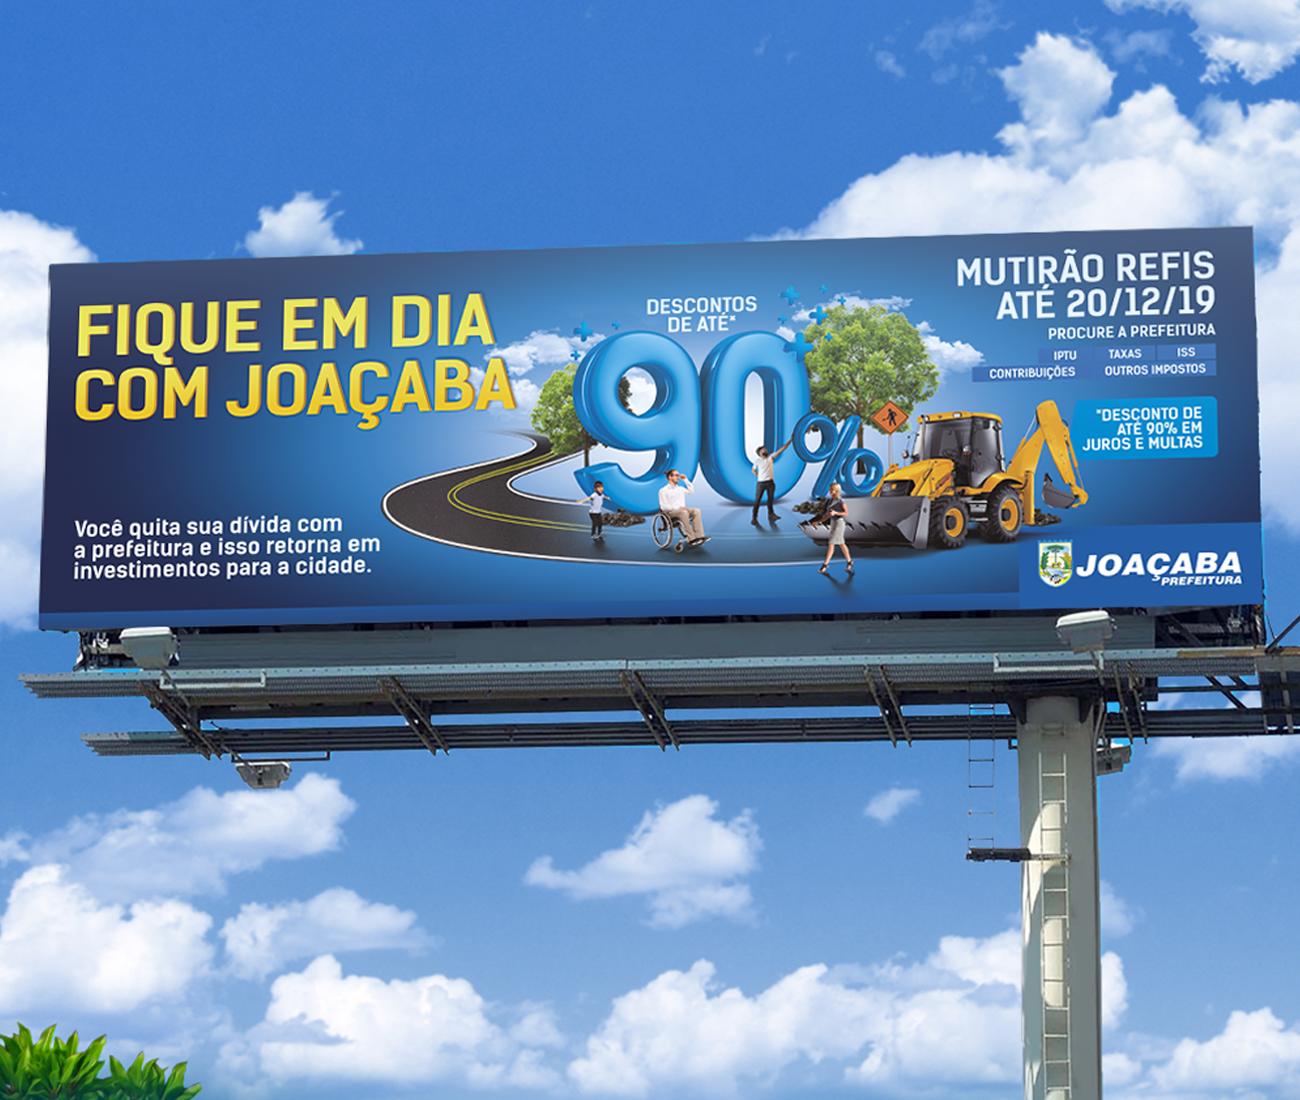 Joaçaba_02